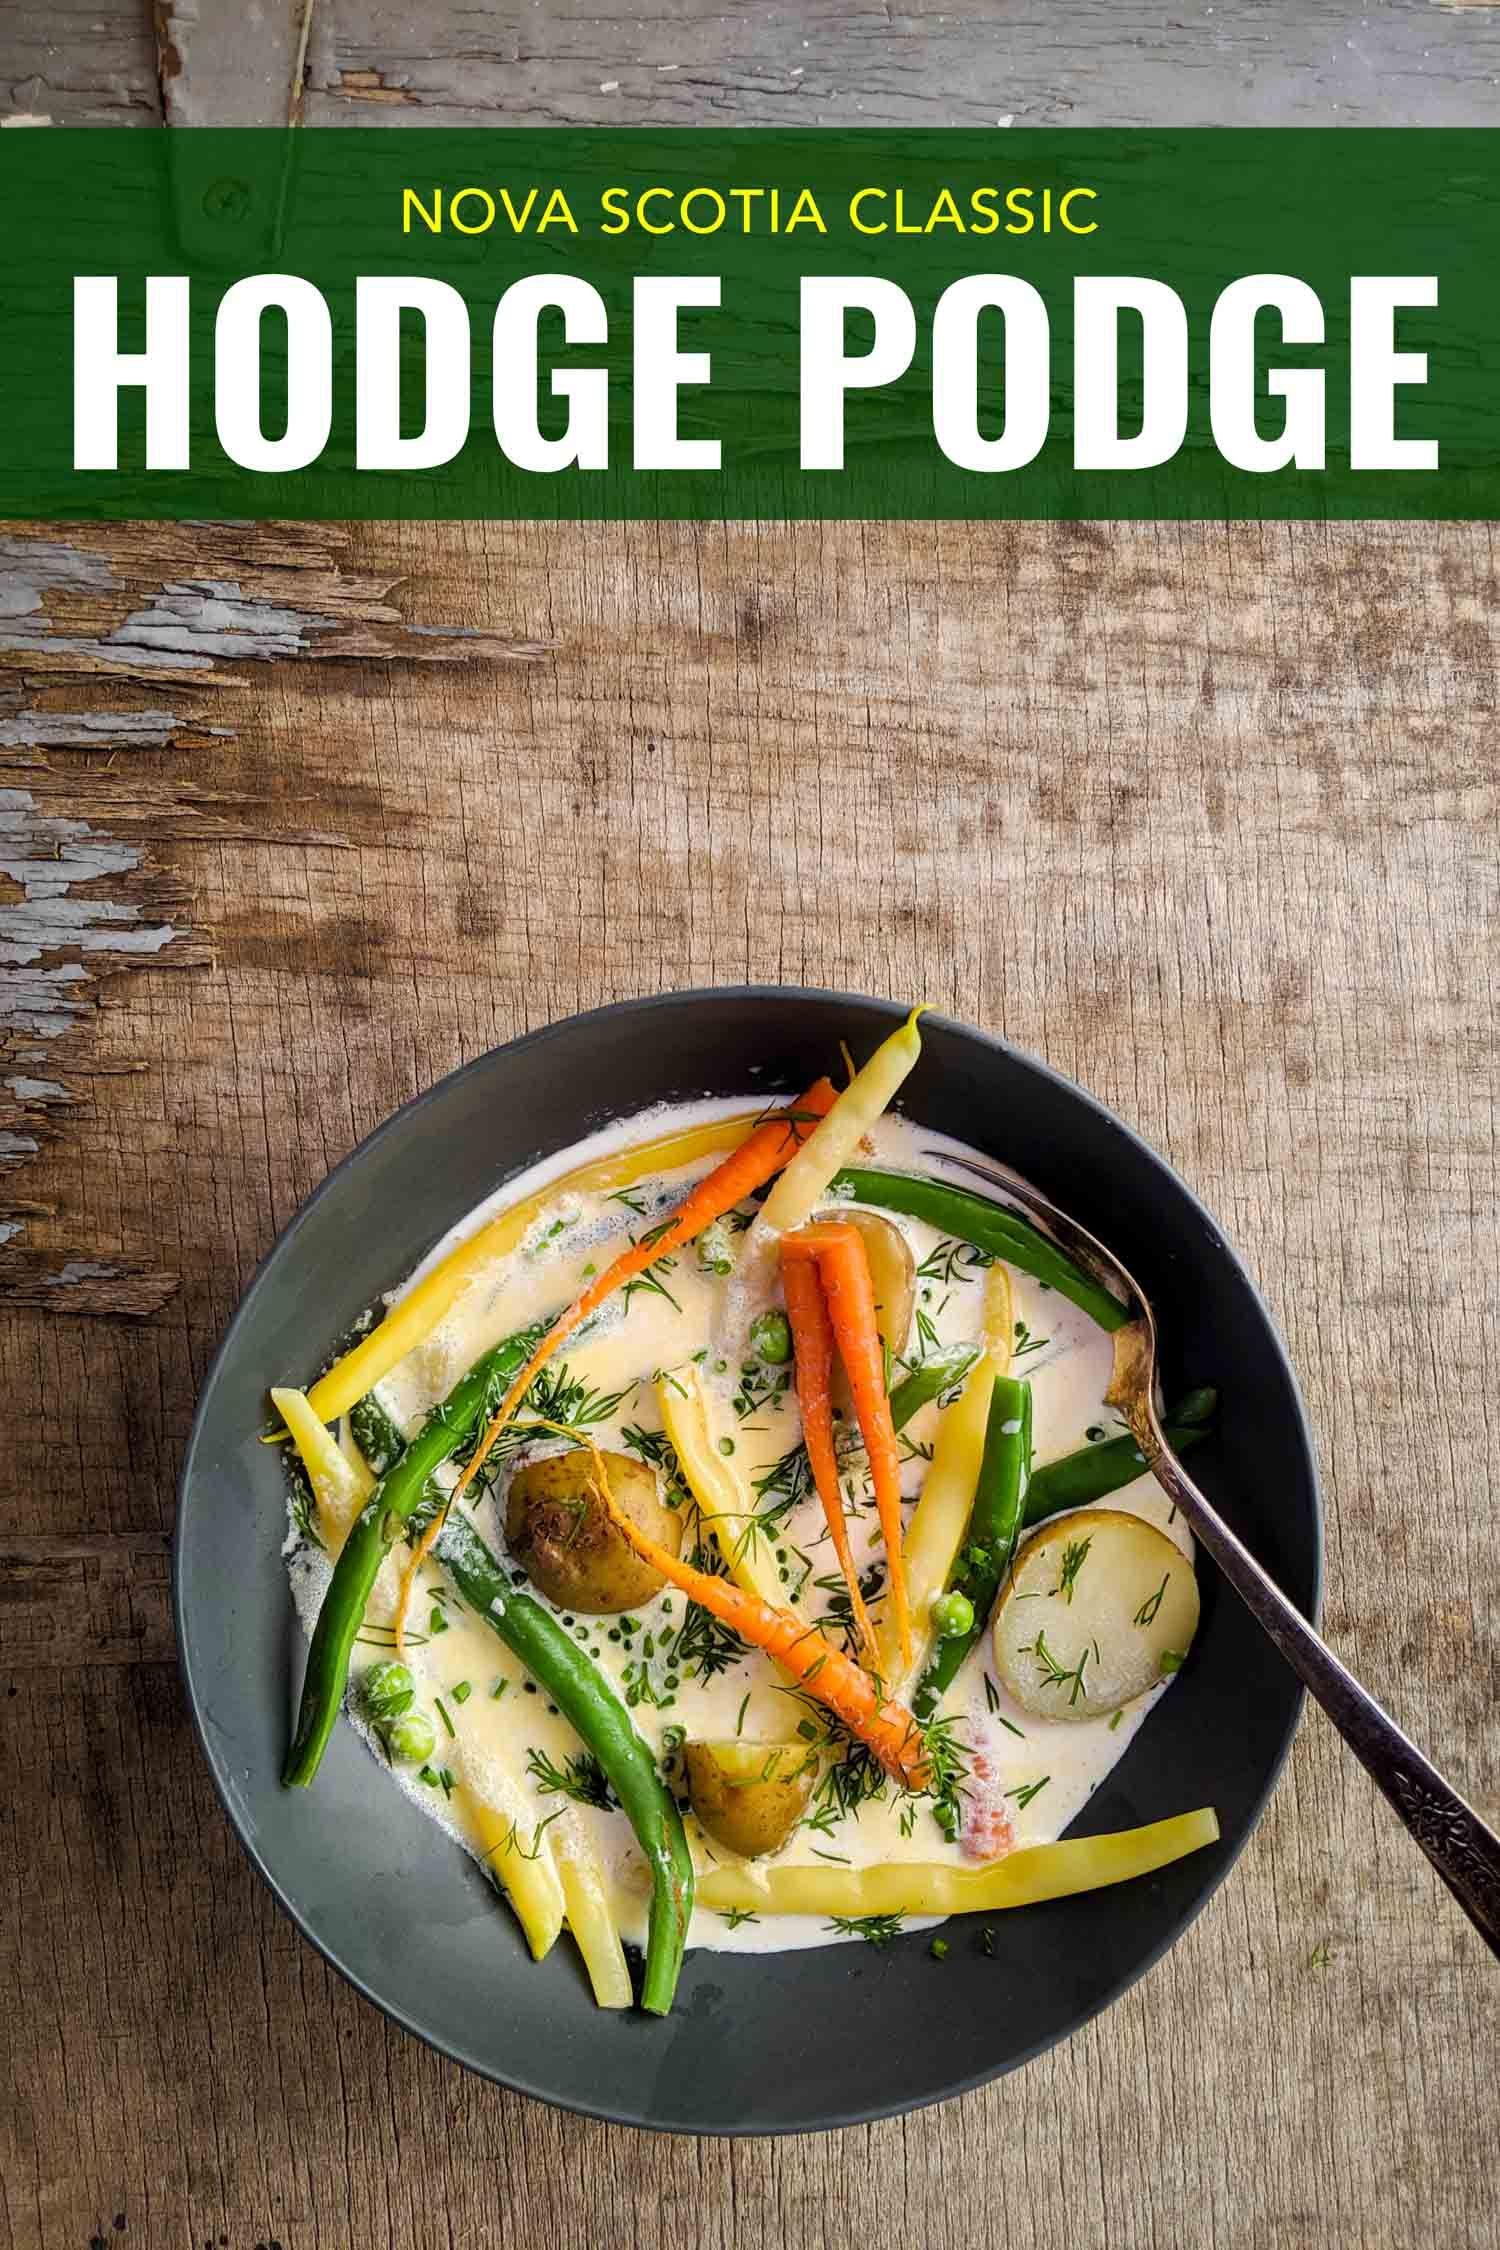 A classically simple Nova Scotia recipe, hodge podge is a